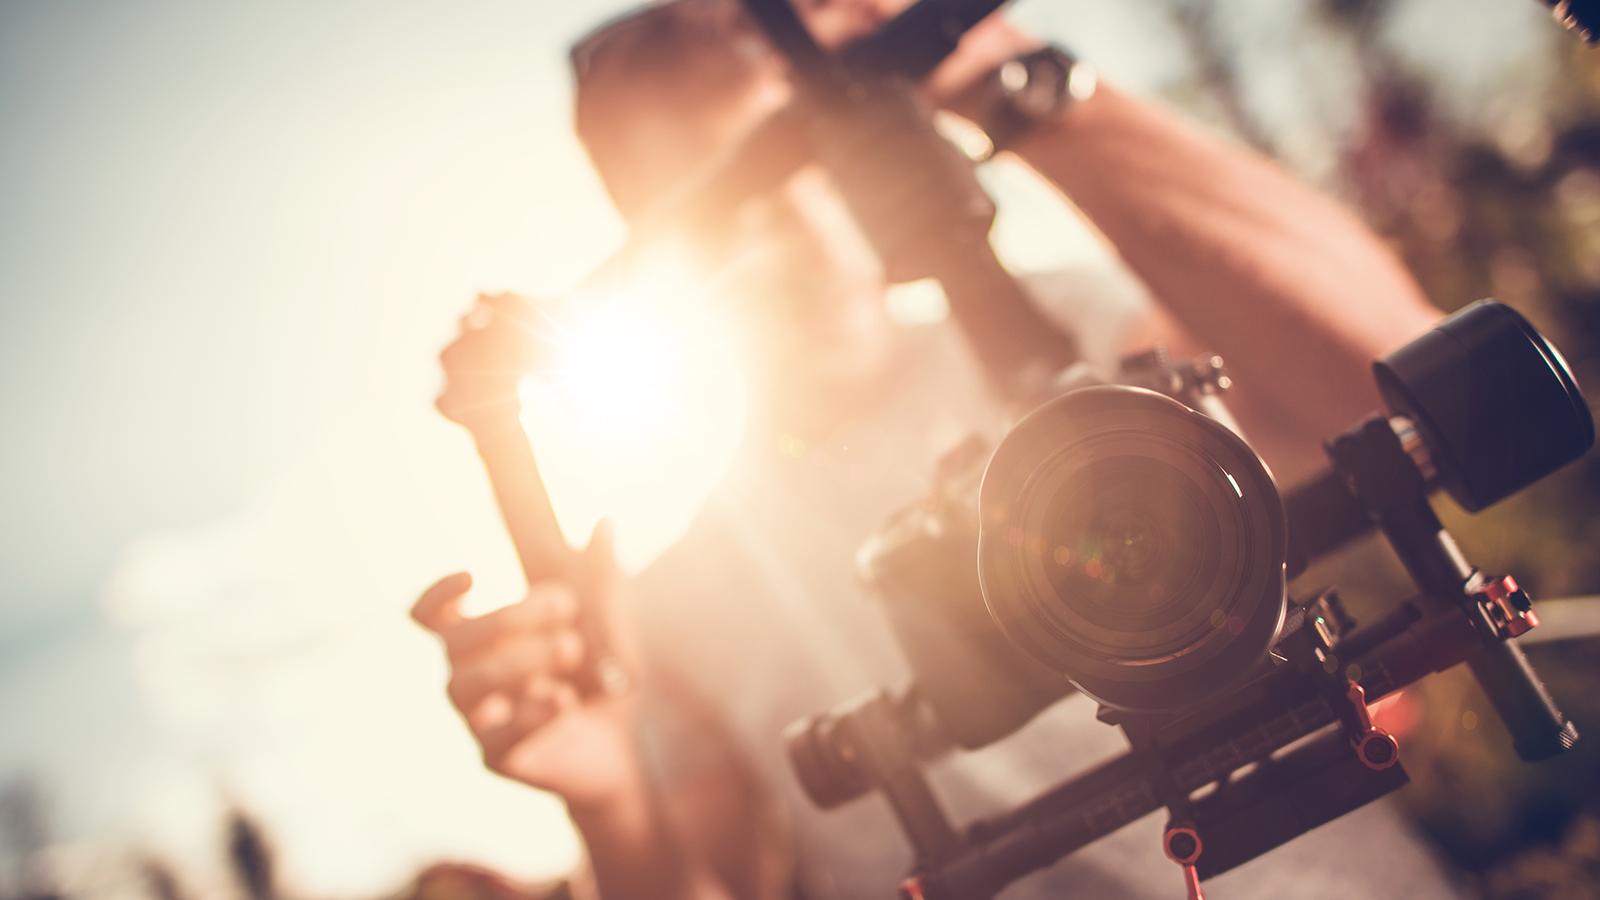 Como fazer automacao de marketing contando com videos para o fluxo de nutricao 2 - Como fazer automação de marketing contando com vídeos para o fluxo de nutrição